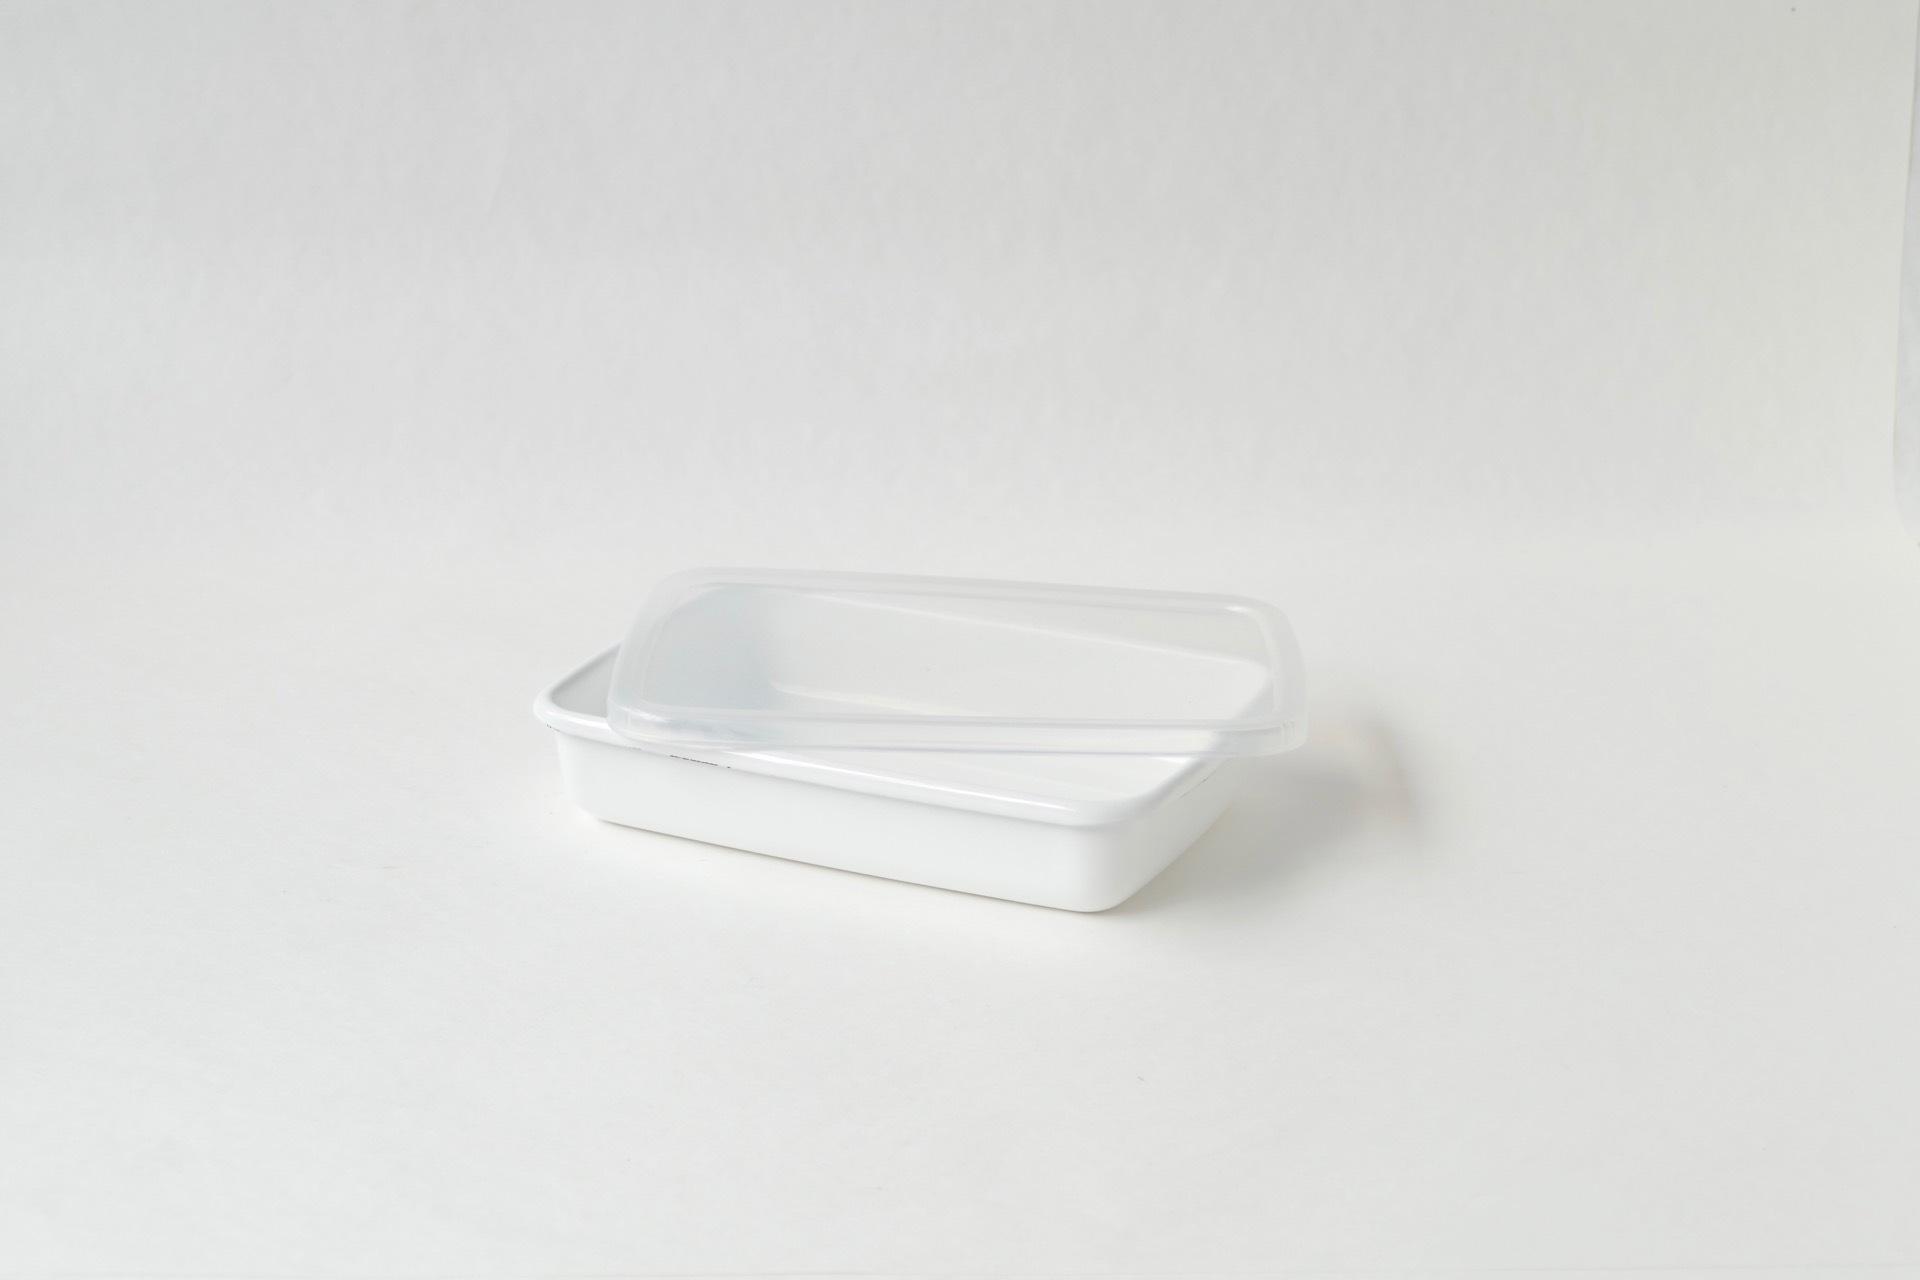 野田琺瑯 レクタングル浅型S シール蓋つき